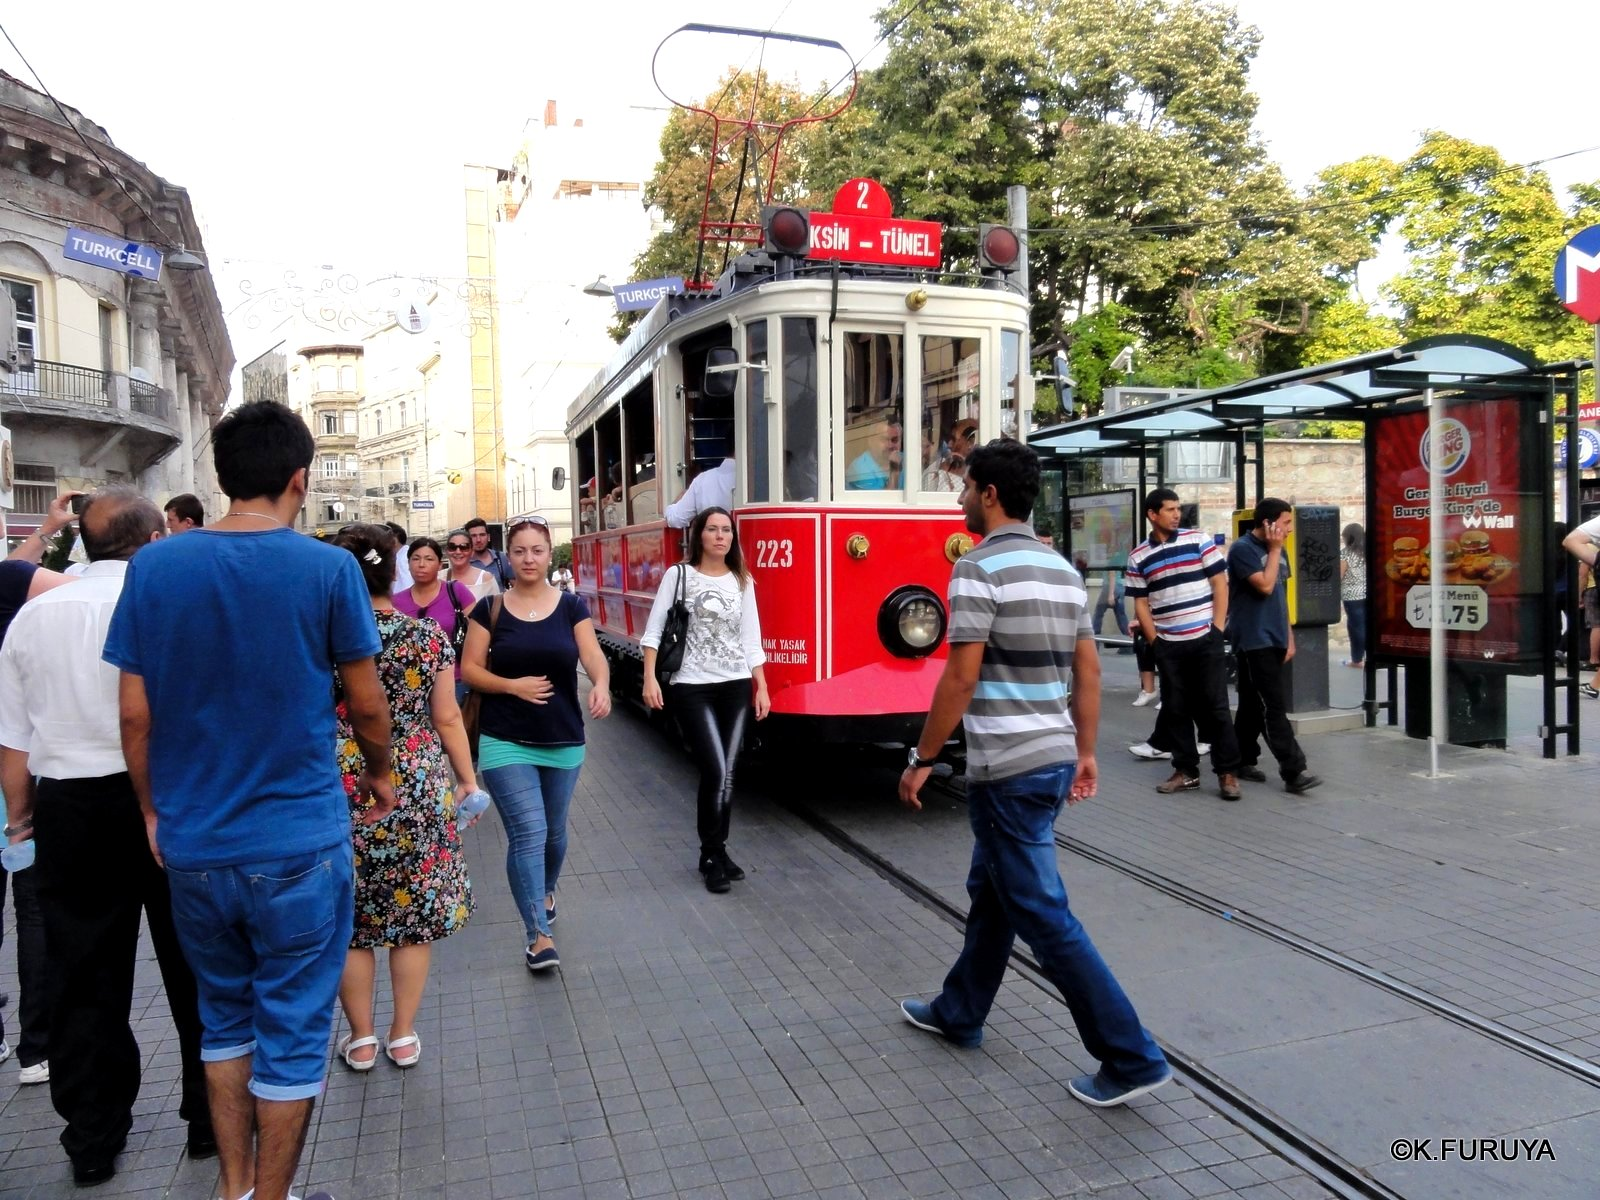 トルコ旅行記 38 イスタンブール旧市街その2_a0092659_23485822.jpg